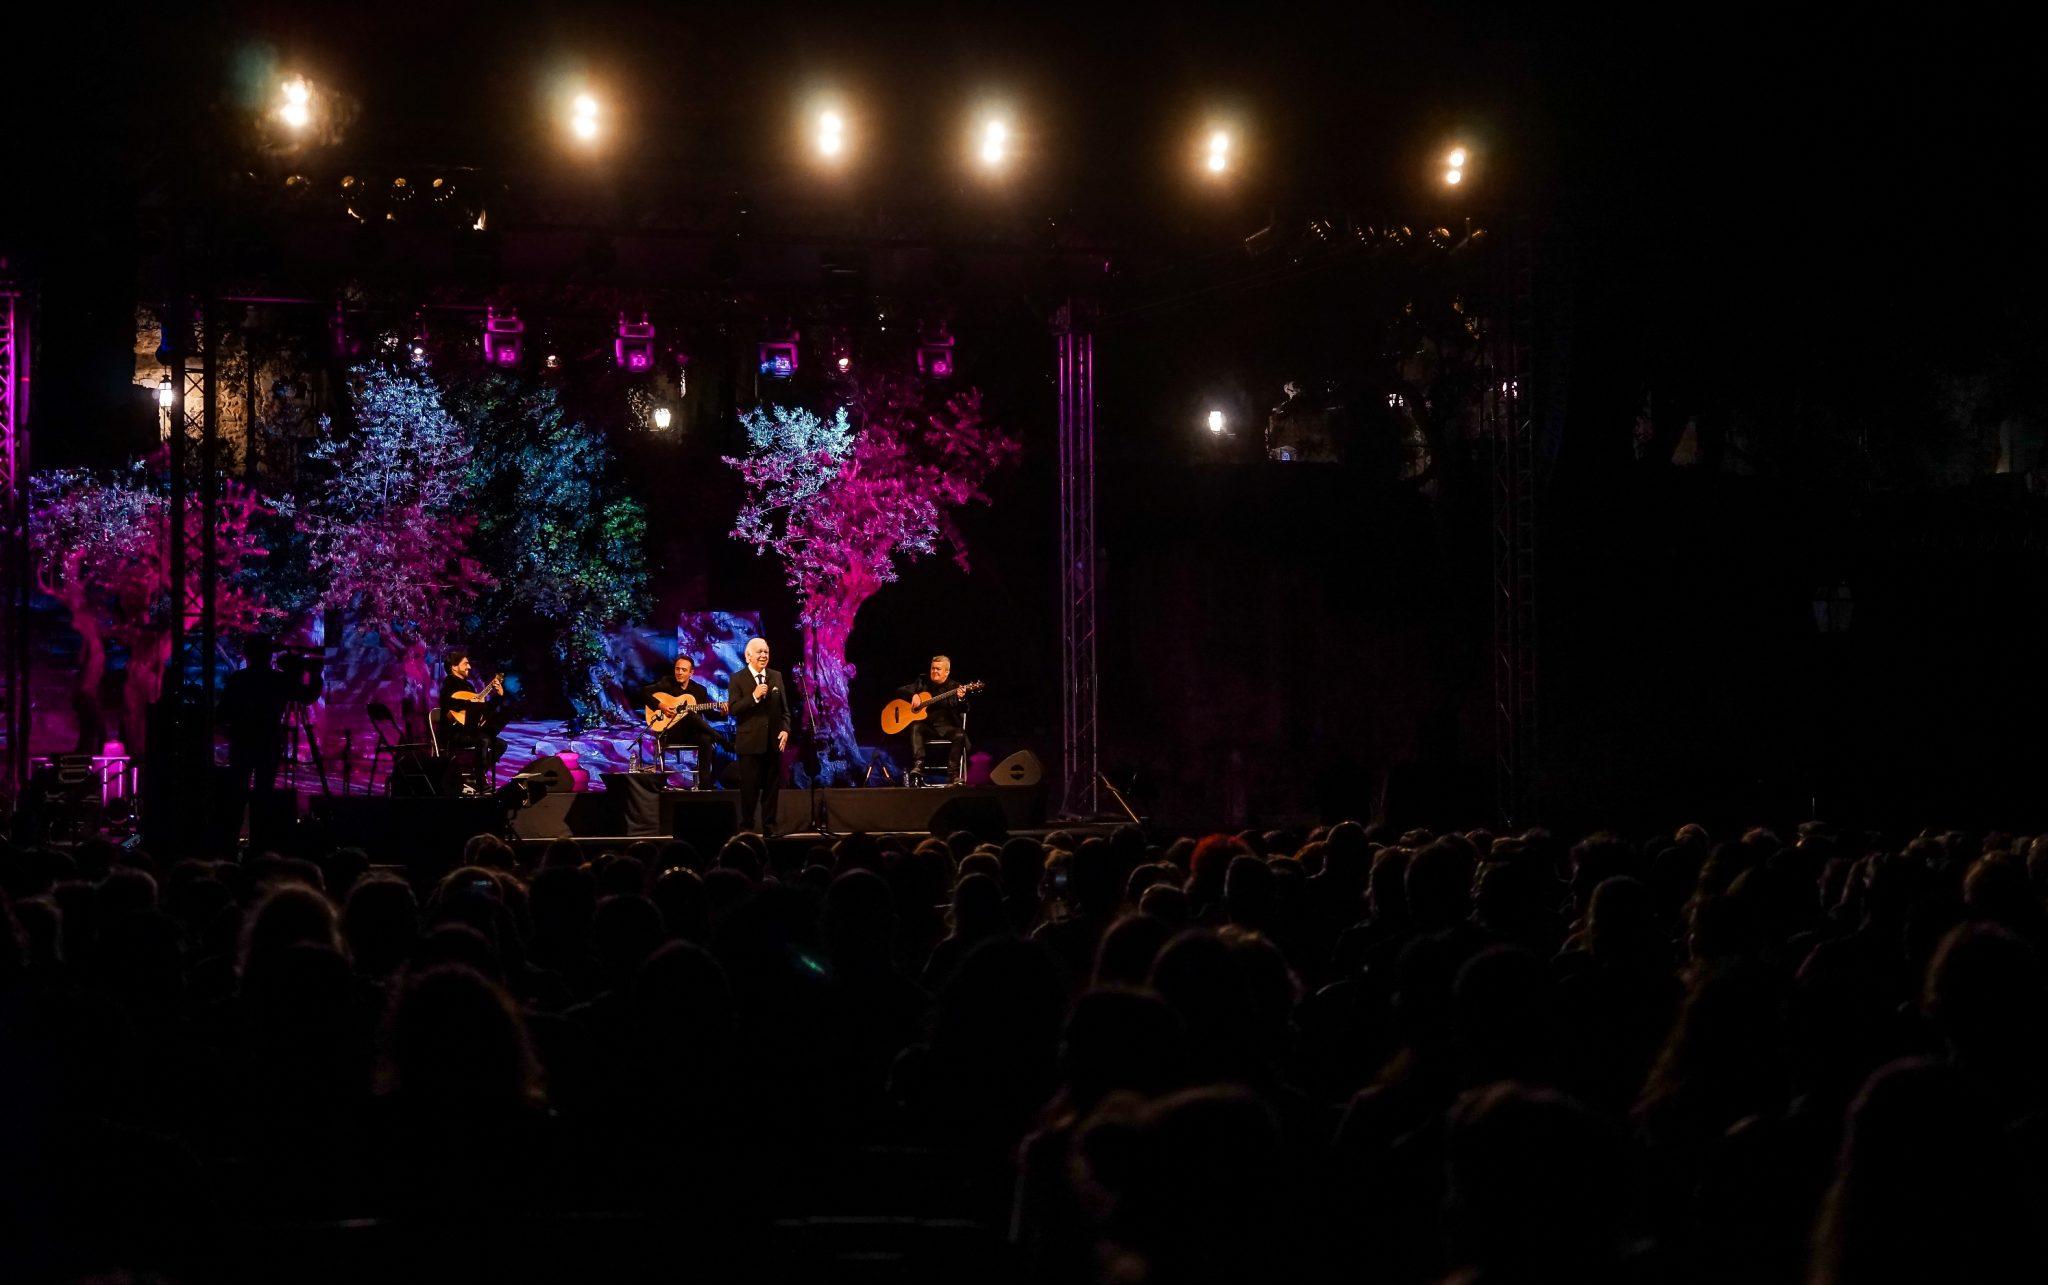 Vista geral do palco, com o fadista Carlos do Carmos em pé, e da plateia a assistir ao concerto